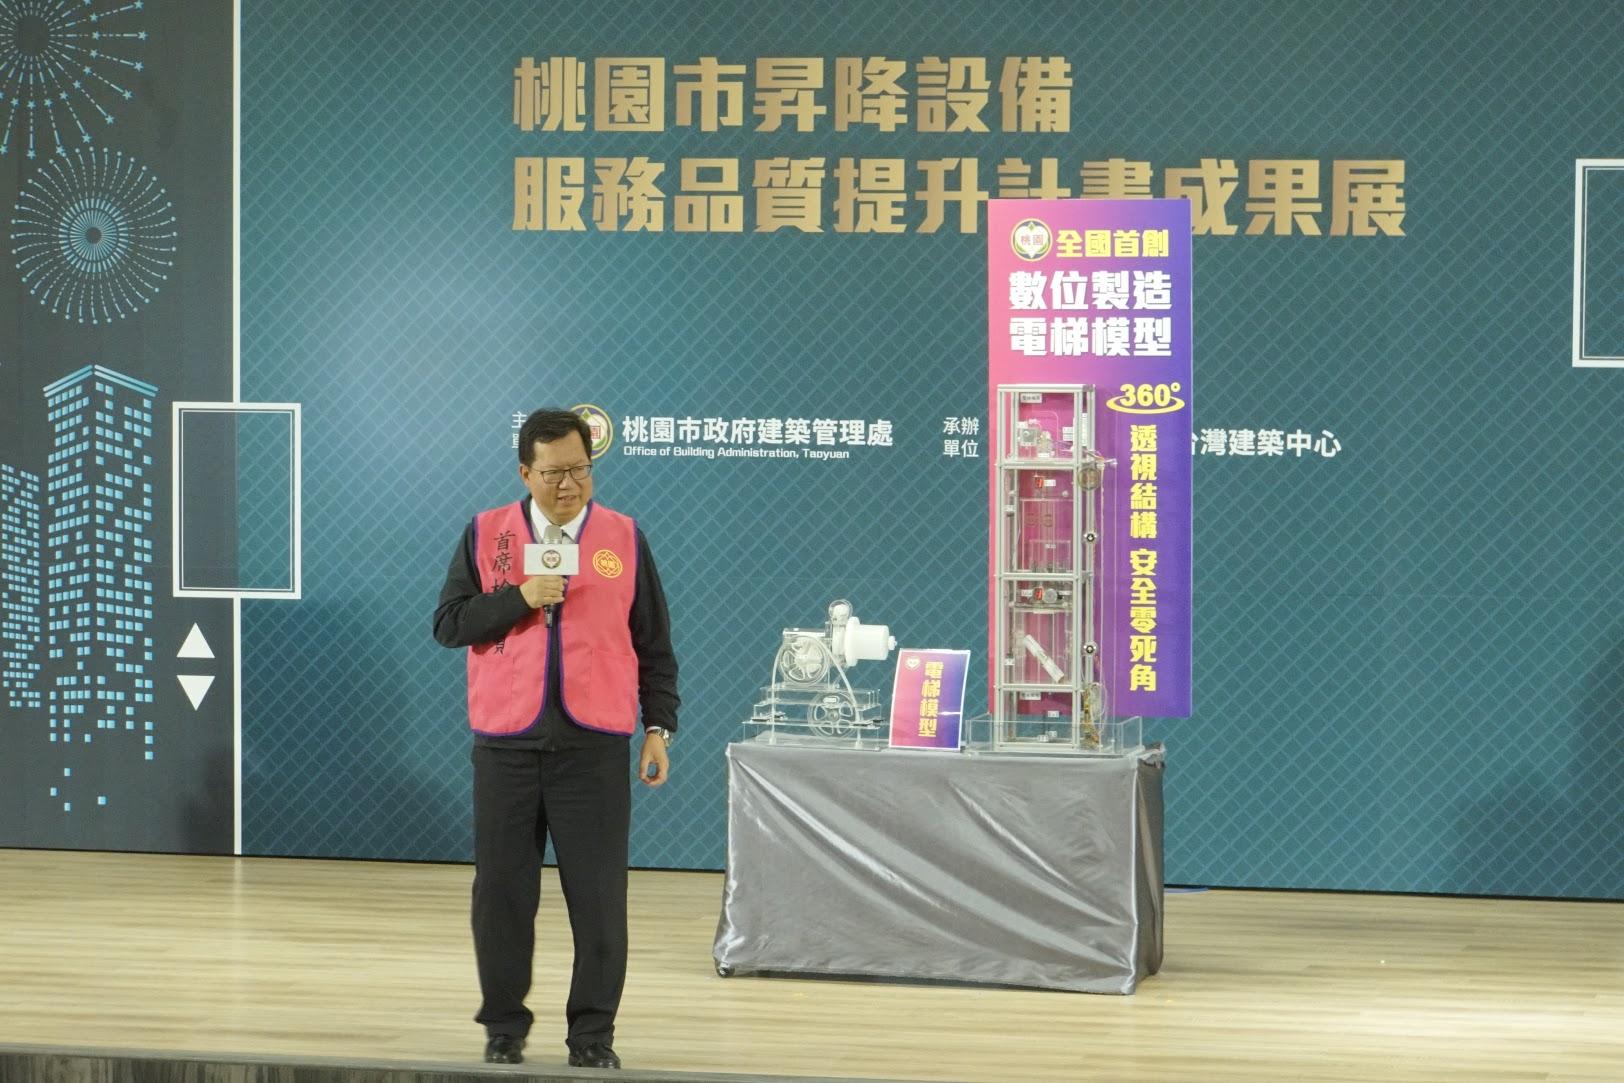 圖2-桃園市長鄭文燦發表五大電梯創舉.jpeg